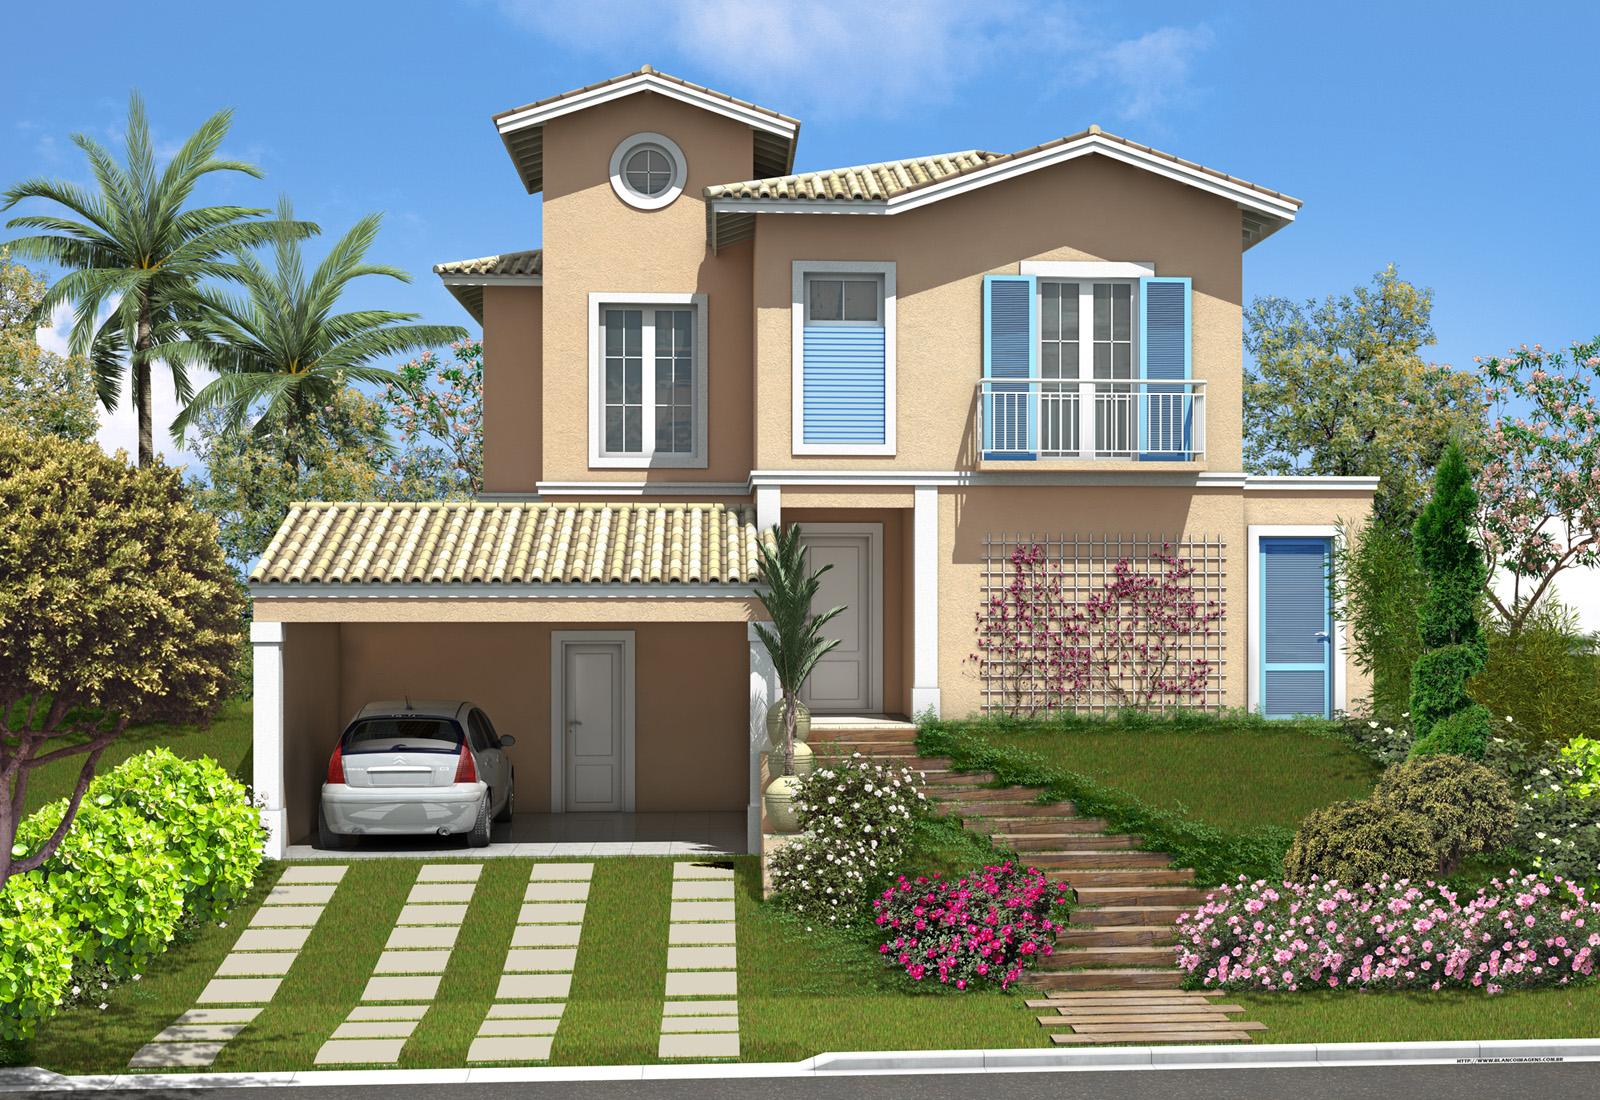 Inmobiliaria lanza primer proyecto de casas personalizadas for Inmobiliaria la casa